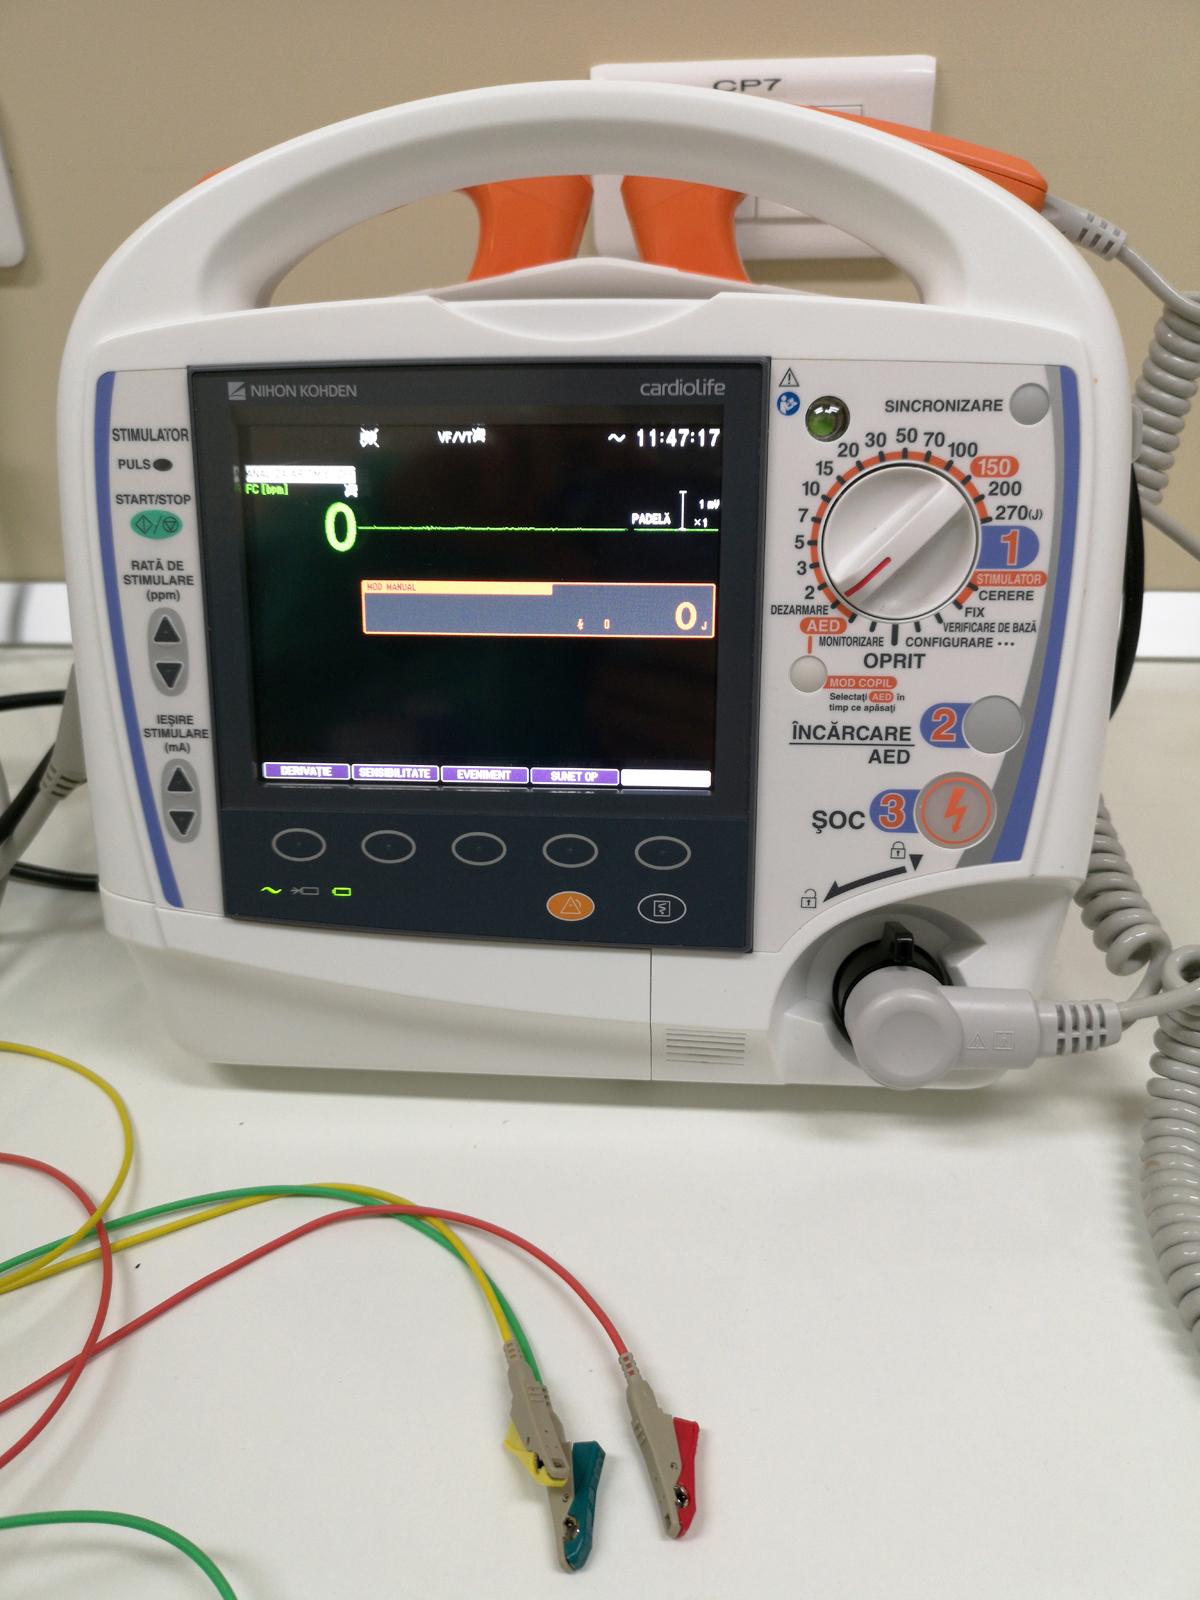 Defibrilator Tec 5631 Nihon Kohden